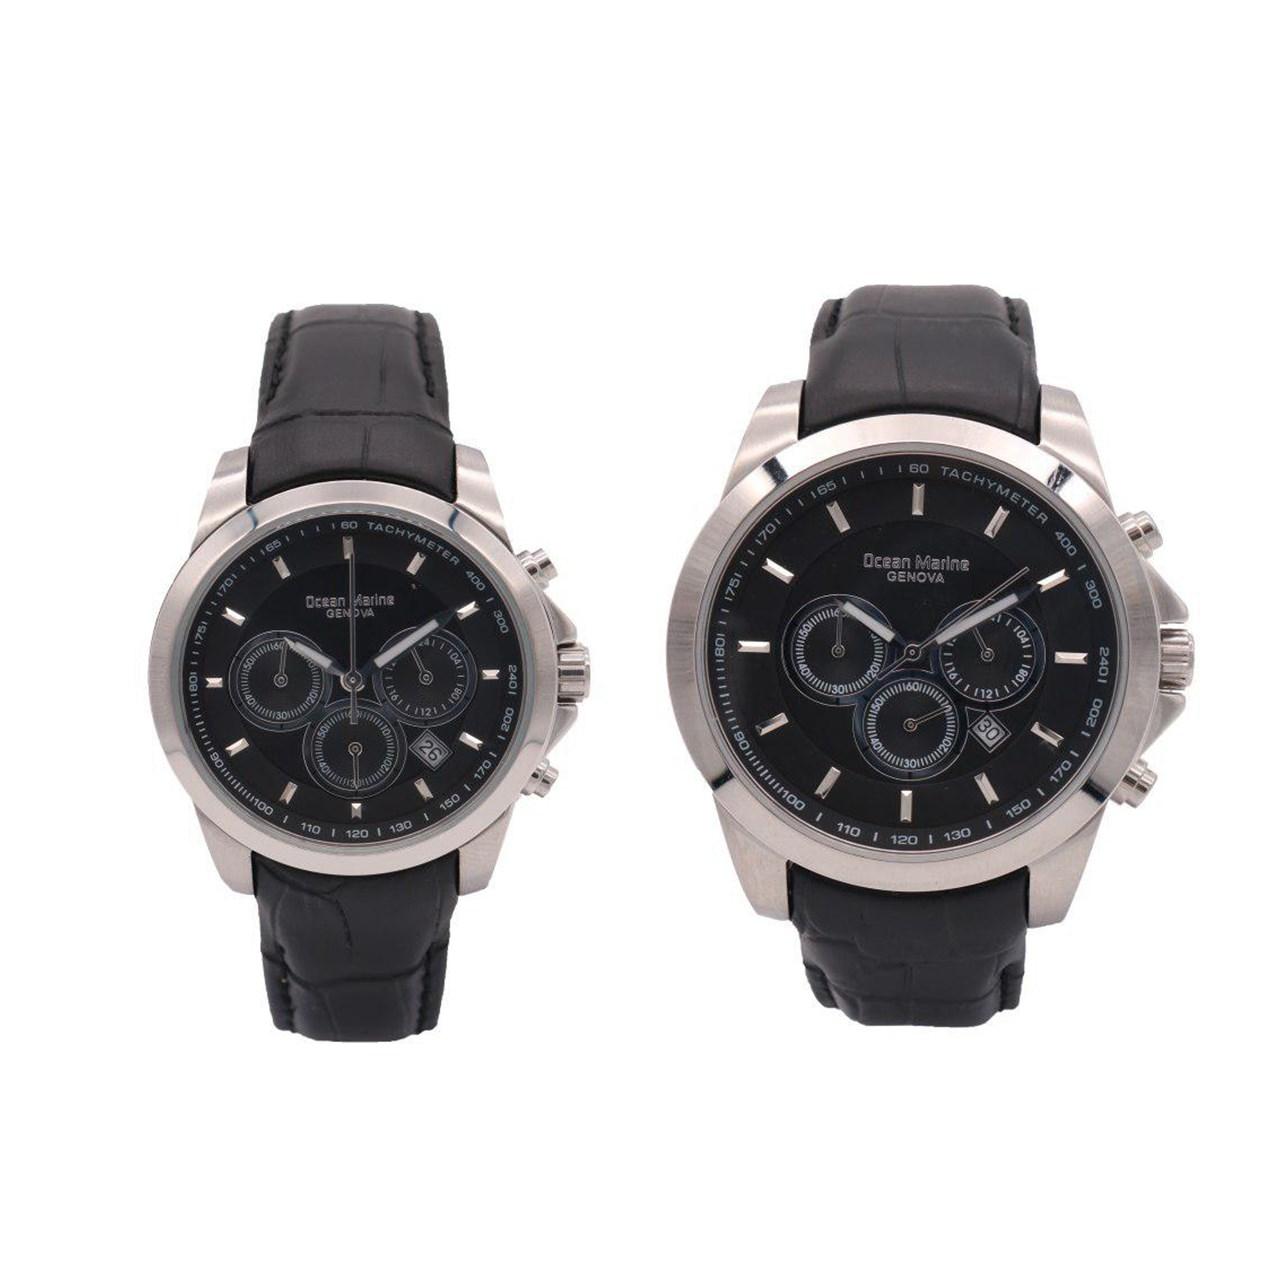 ساعت ست مردانه و زنانه اوشن مارین مدل OM-8105L-1 و OM-8105G-1